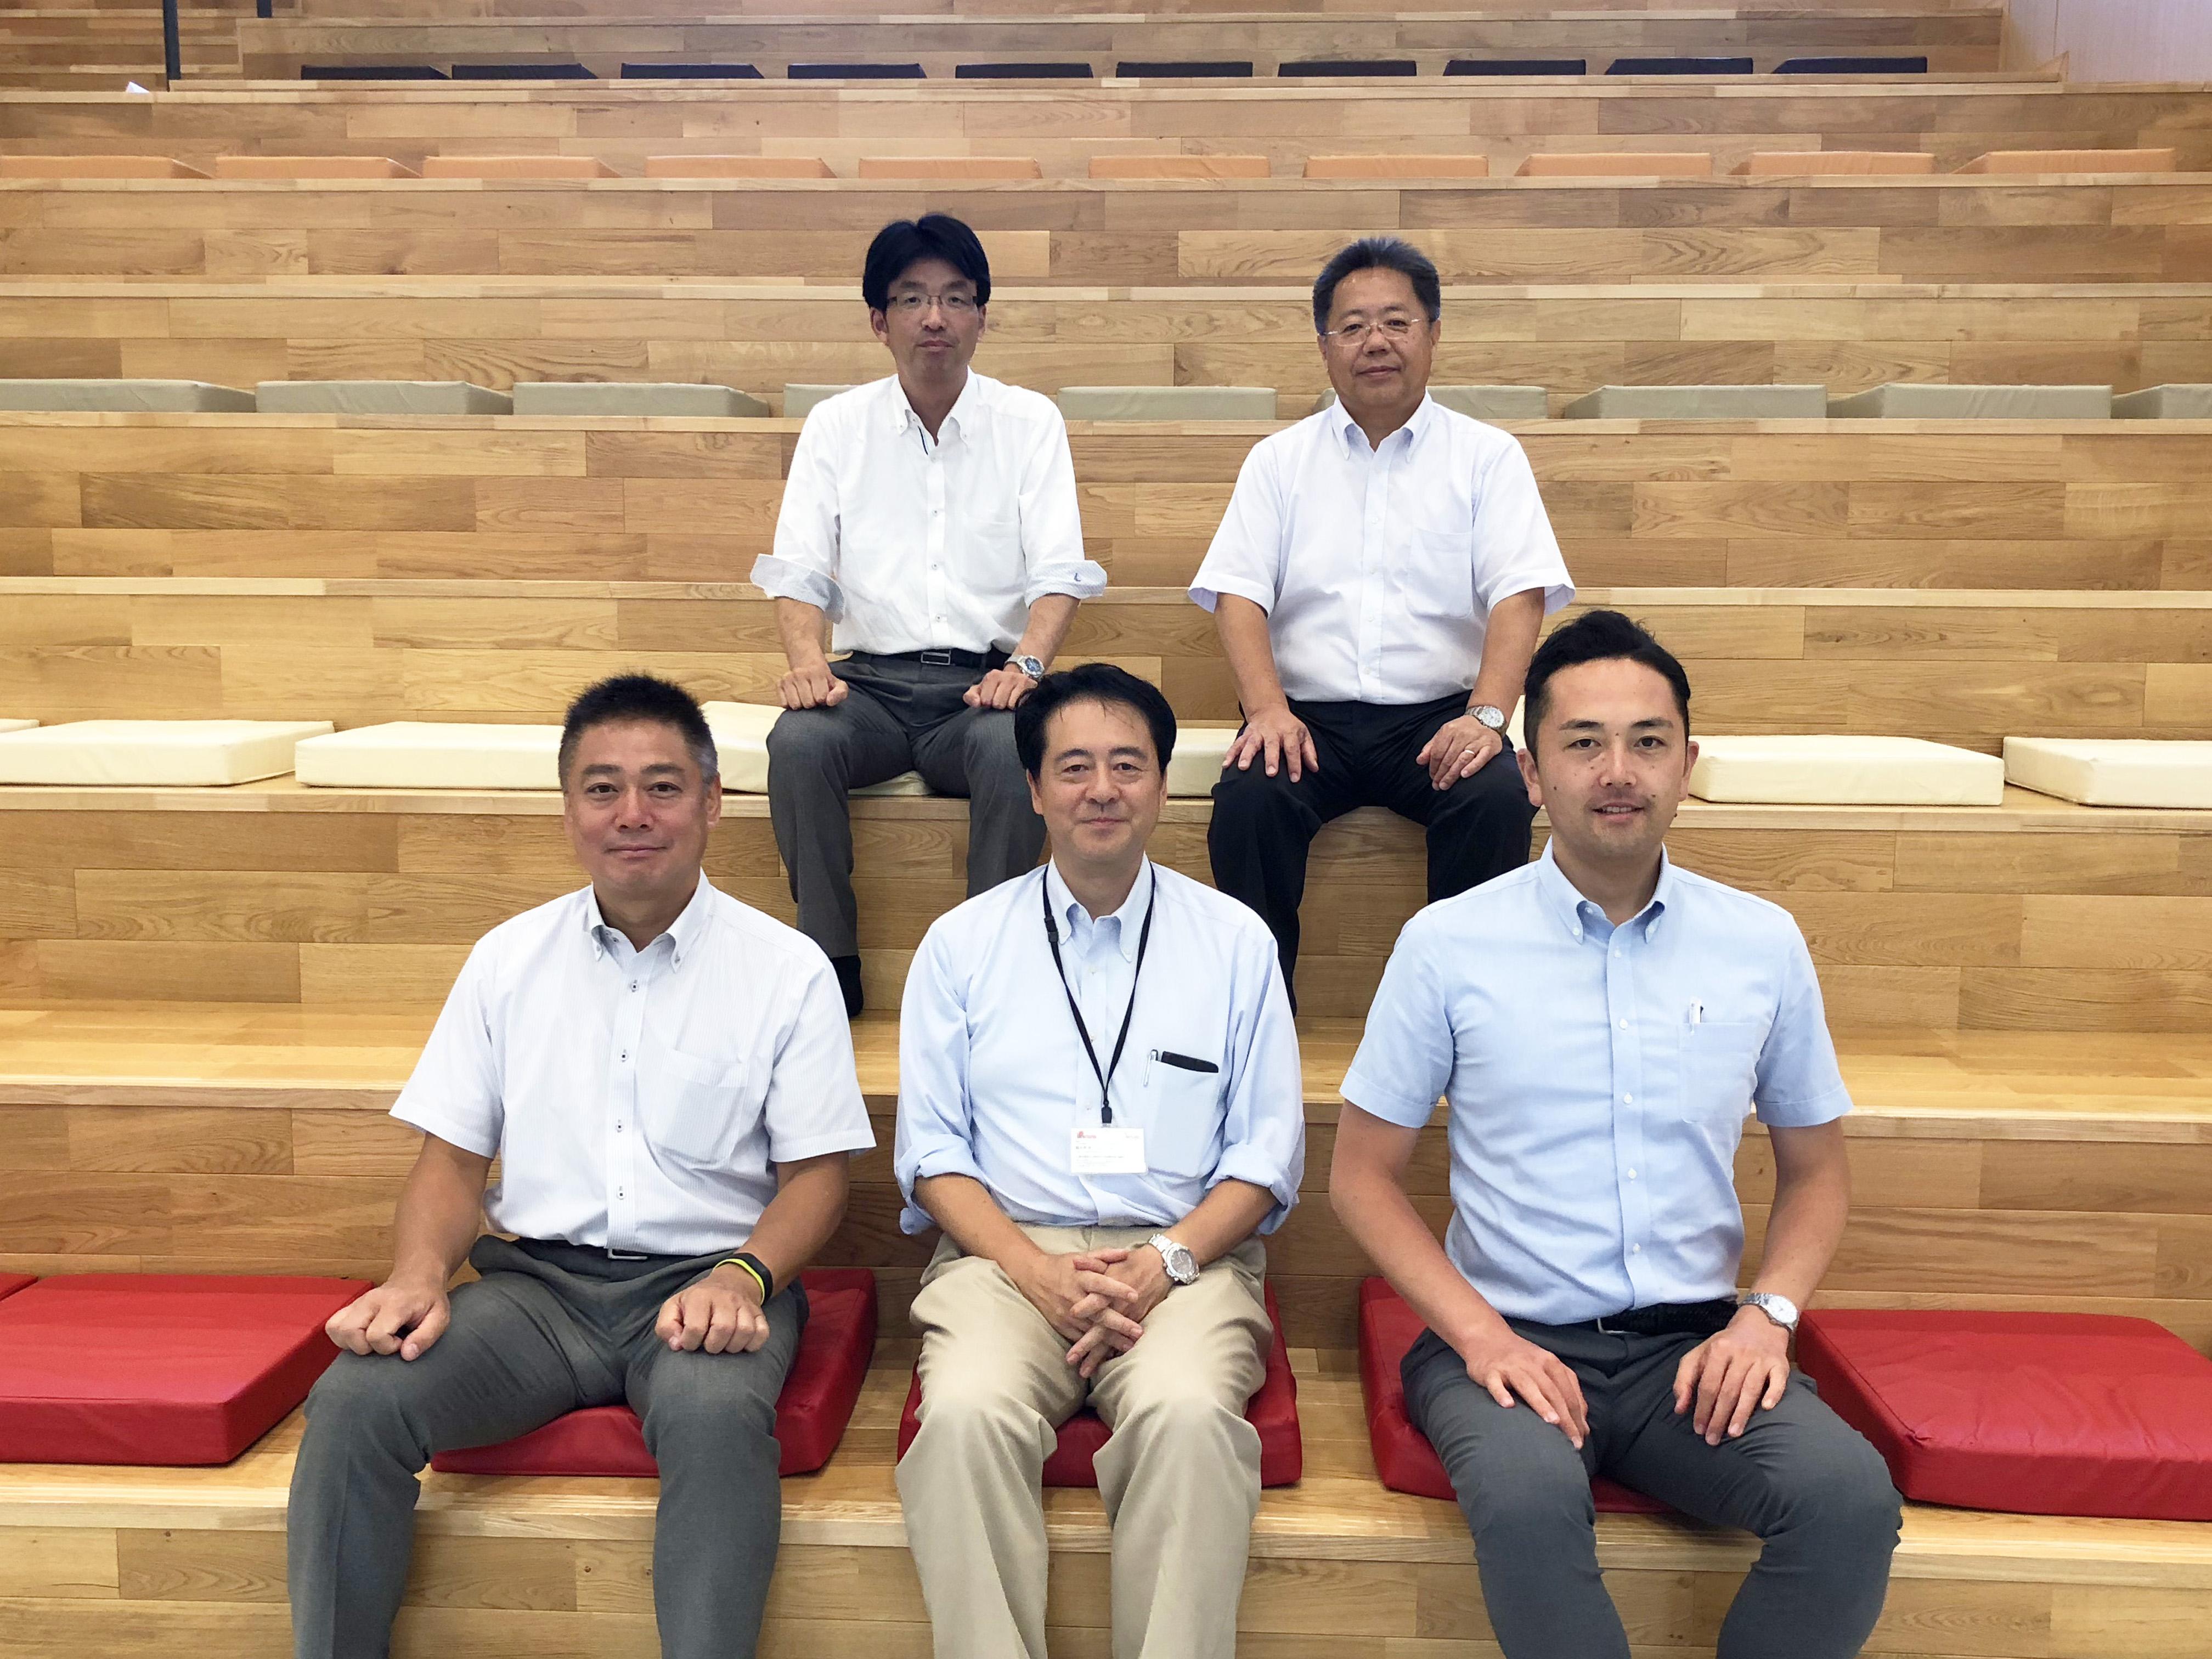 横浜市議会議員の方々4名様にご見学いただきました